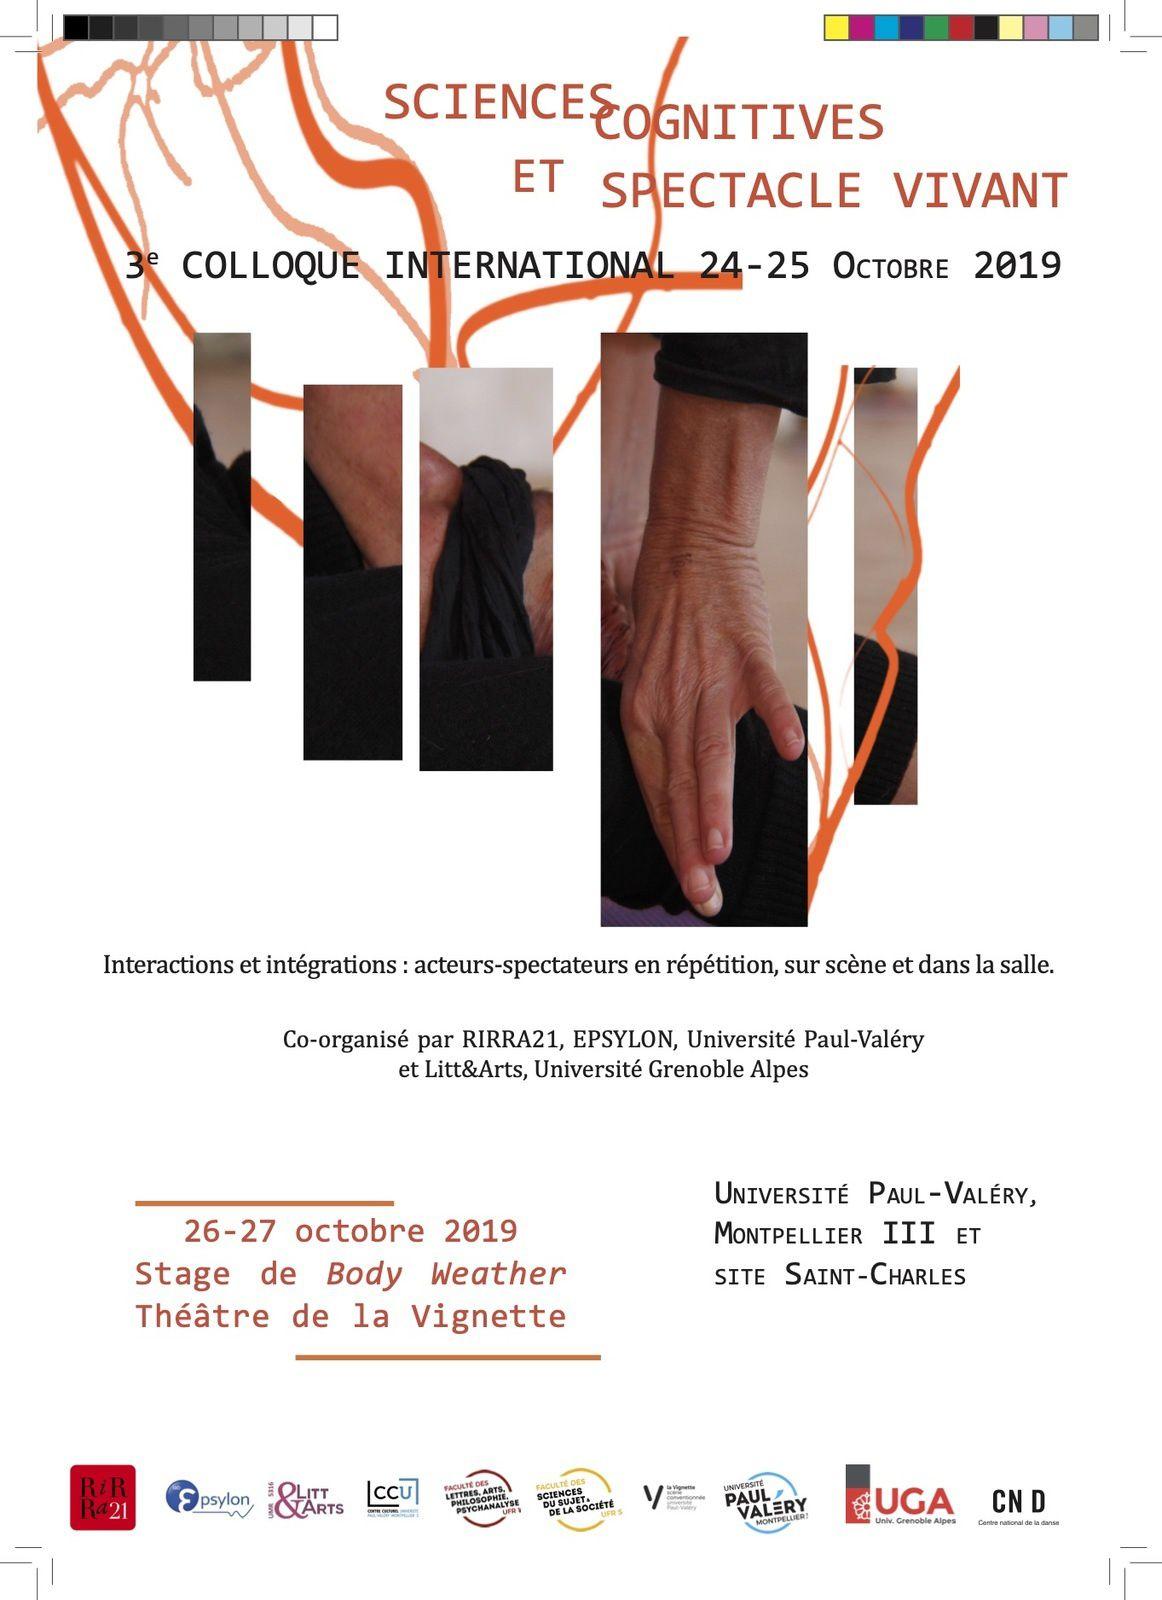 Sciences cognitives et spectacle vivant. 3e colloque international : Interactions et Intégrations : Acteurs-spectacteurs, en répétition, sur scène et dans la salle